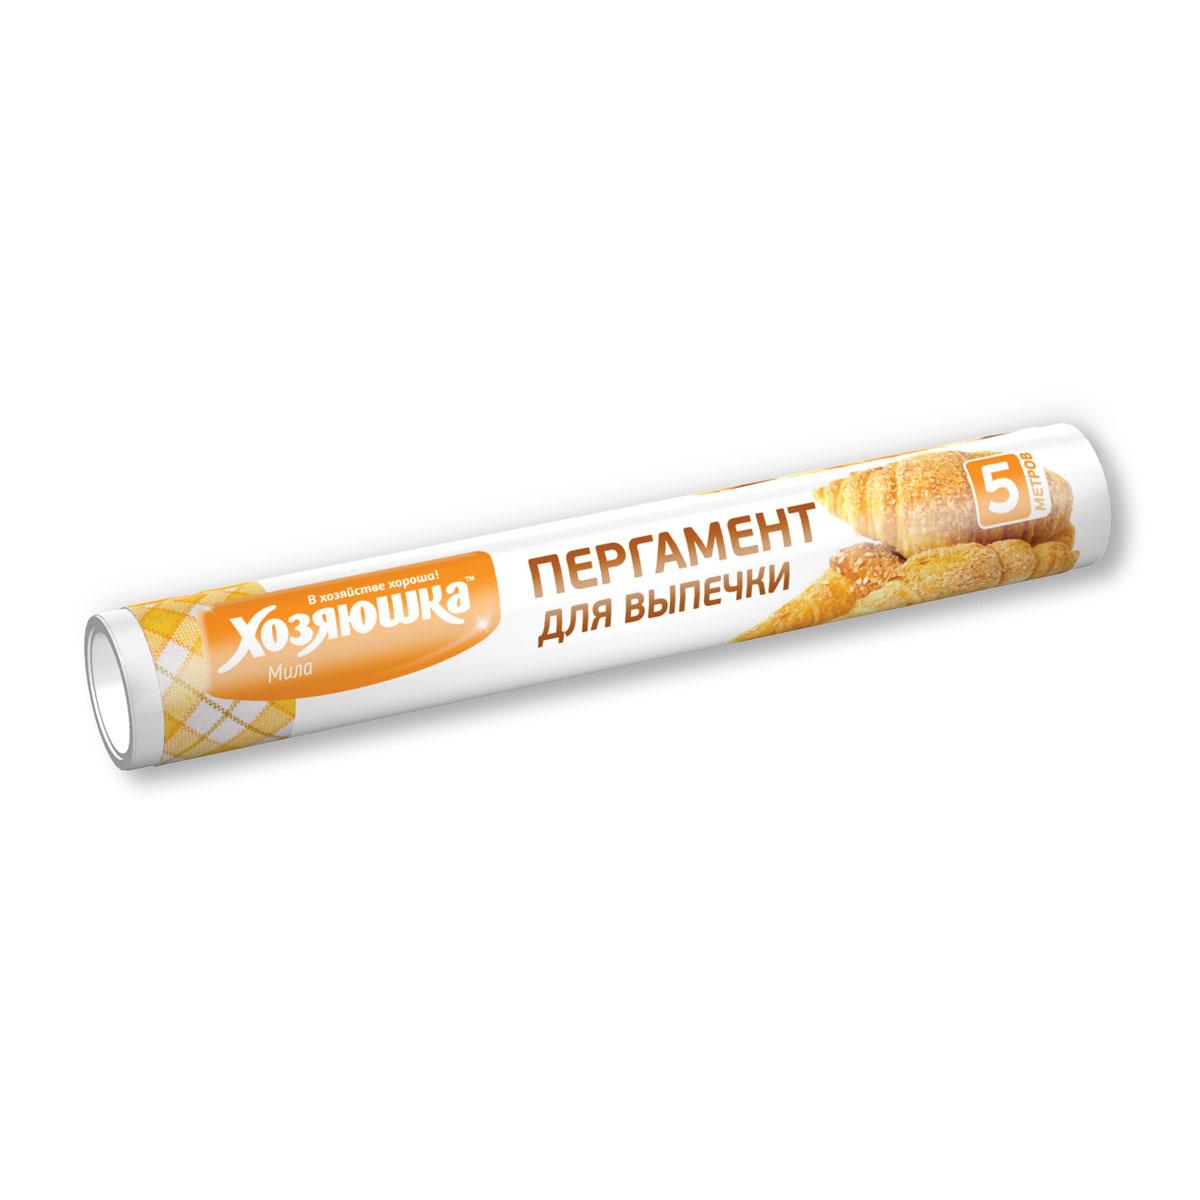 Пергамент для выпечки Хозяюшка Мила, пищевой, 5 м115510Пергамент для выпечки Хозяюшка Мила – экологичный, прочный, стойкий к высоким температурам материал. Особенность пергамента – это устойчивость к воздействию жира, поэтому пергамент идеален для выпечки, а также для упаковки пищевых продуктов: масло, творог, сыр, фарш.